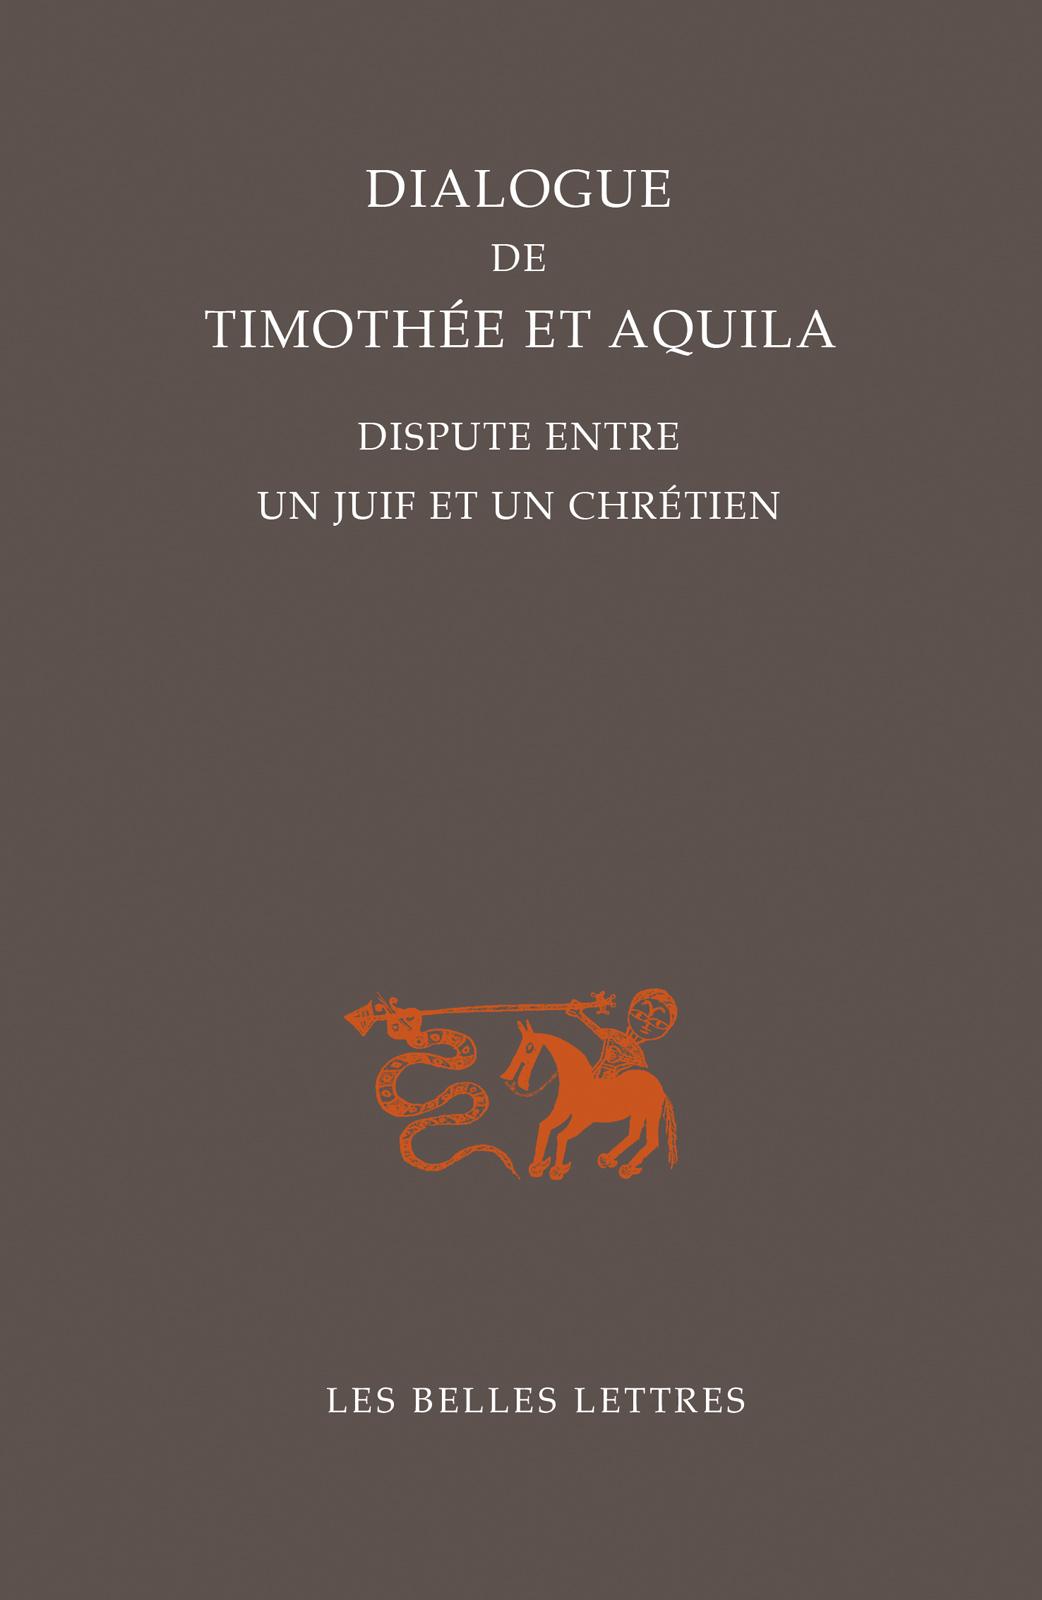 Dialogue de Timothée et Aquila